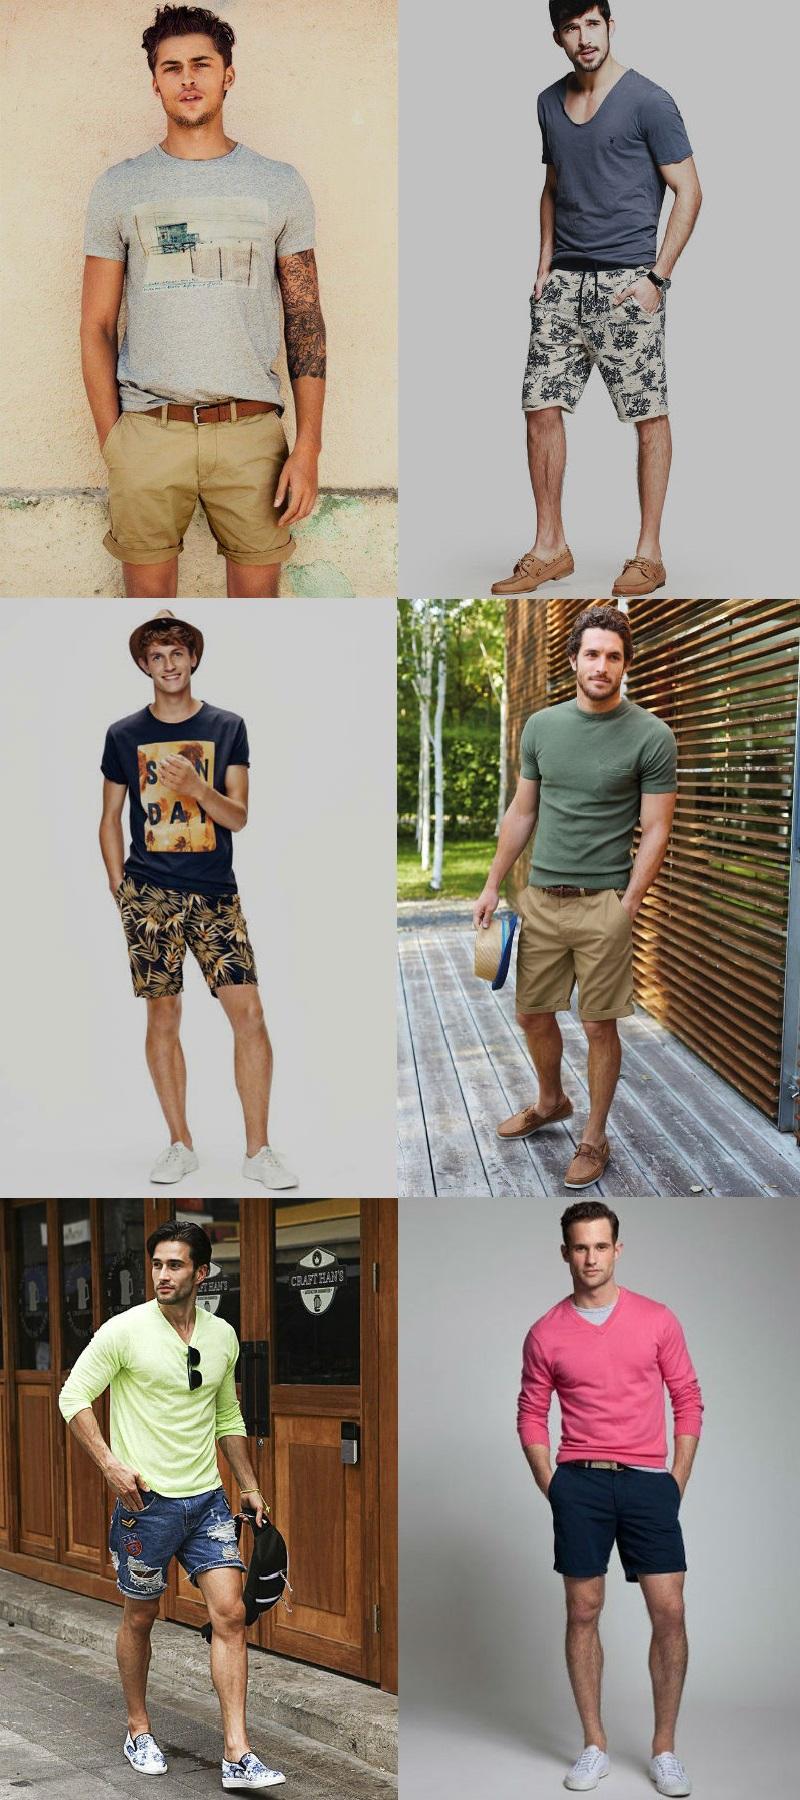 7426166f4 Homem No Espelho - Moda casual- bermudas camiseta - Homem no Espelho